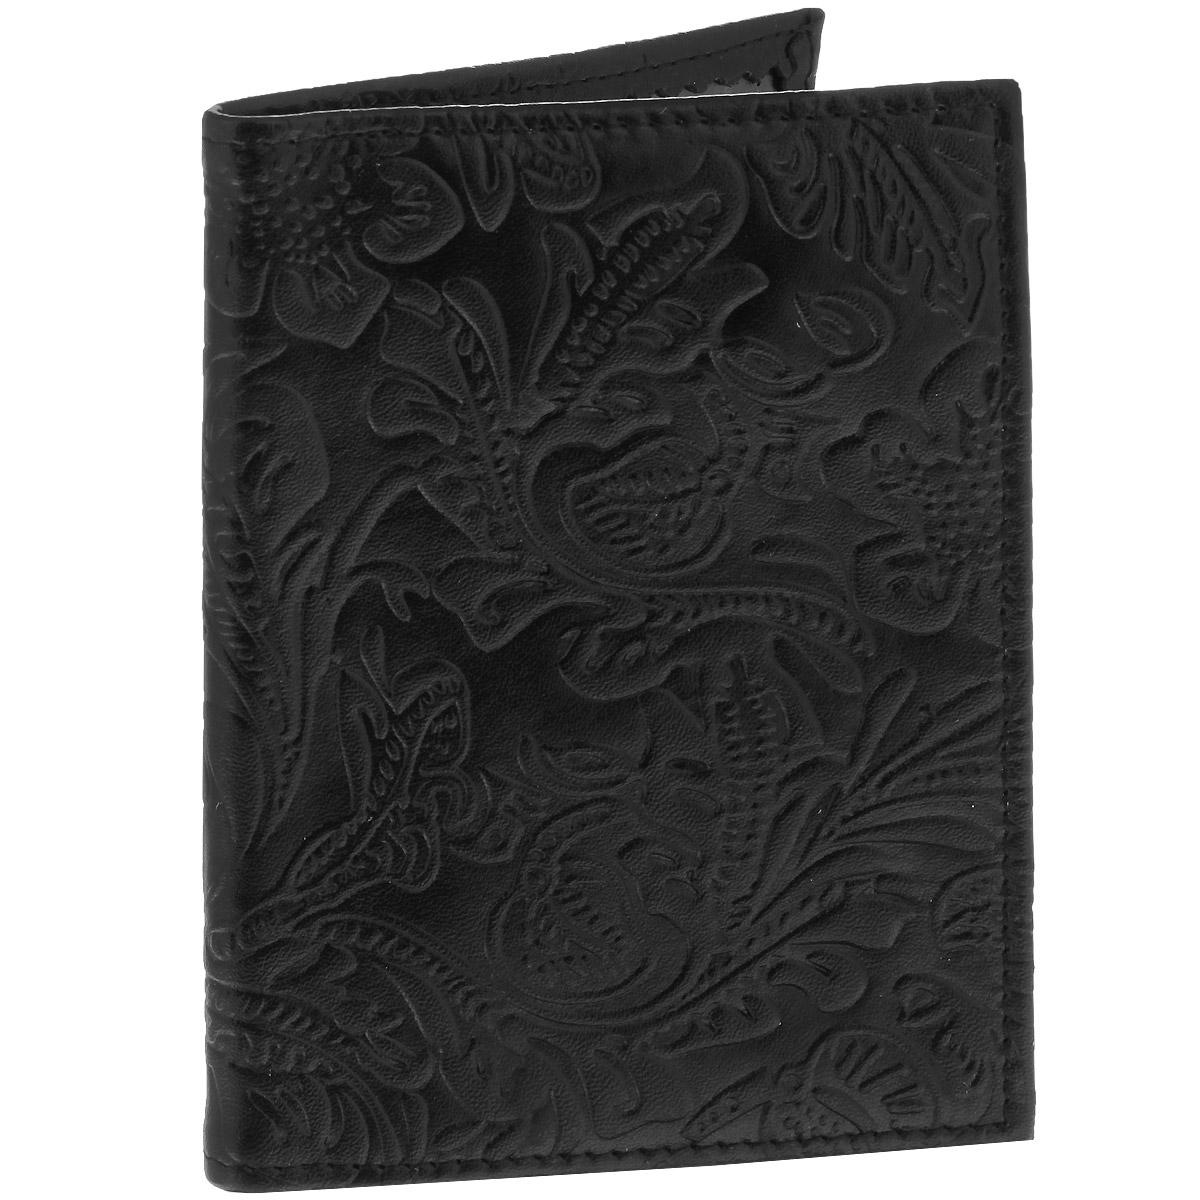 Обложка для паспорта Cheribags Узор, цвет: черный. OP-103330-A/Black-Lihte YellowЭлегантная обложка для паспорта Cheribags изготовлена из натуральной высококачественной кожи и оформлена тисненым растительным узором. Внутри - два прозрачных боковых кармана из пластика, которые прочно зафиксируют ваш паспорт.Модная обложка для паспорта не только поможет сохранить внешний вид вашего документа и защитить его от повреждений, но и станет стильным аксессуаром, который прекрасно дополнит ваш образ.